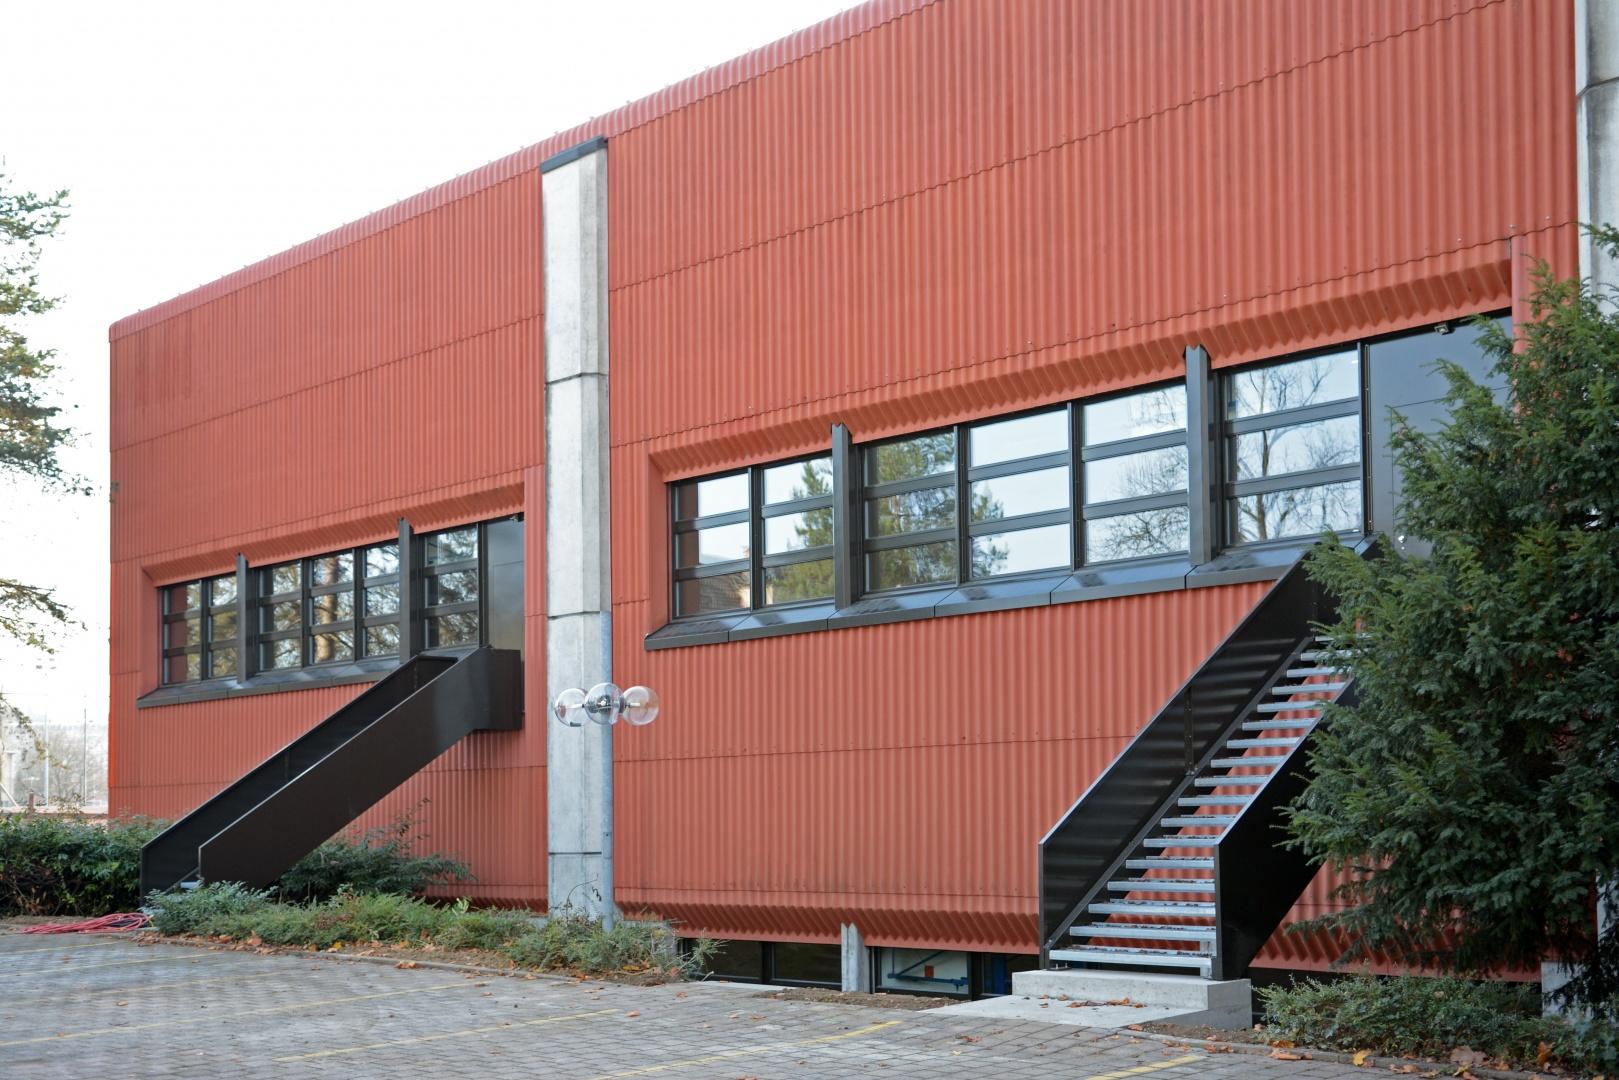 Aussenansicht © Hopf & Wirth Architekten, Winterthur